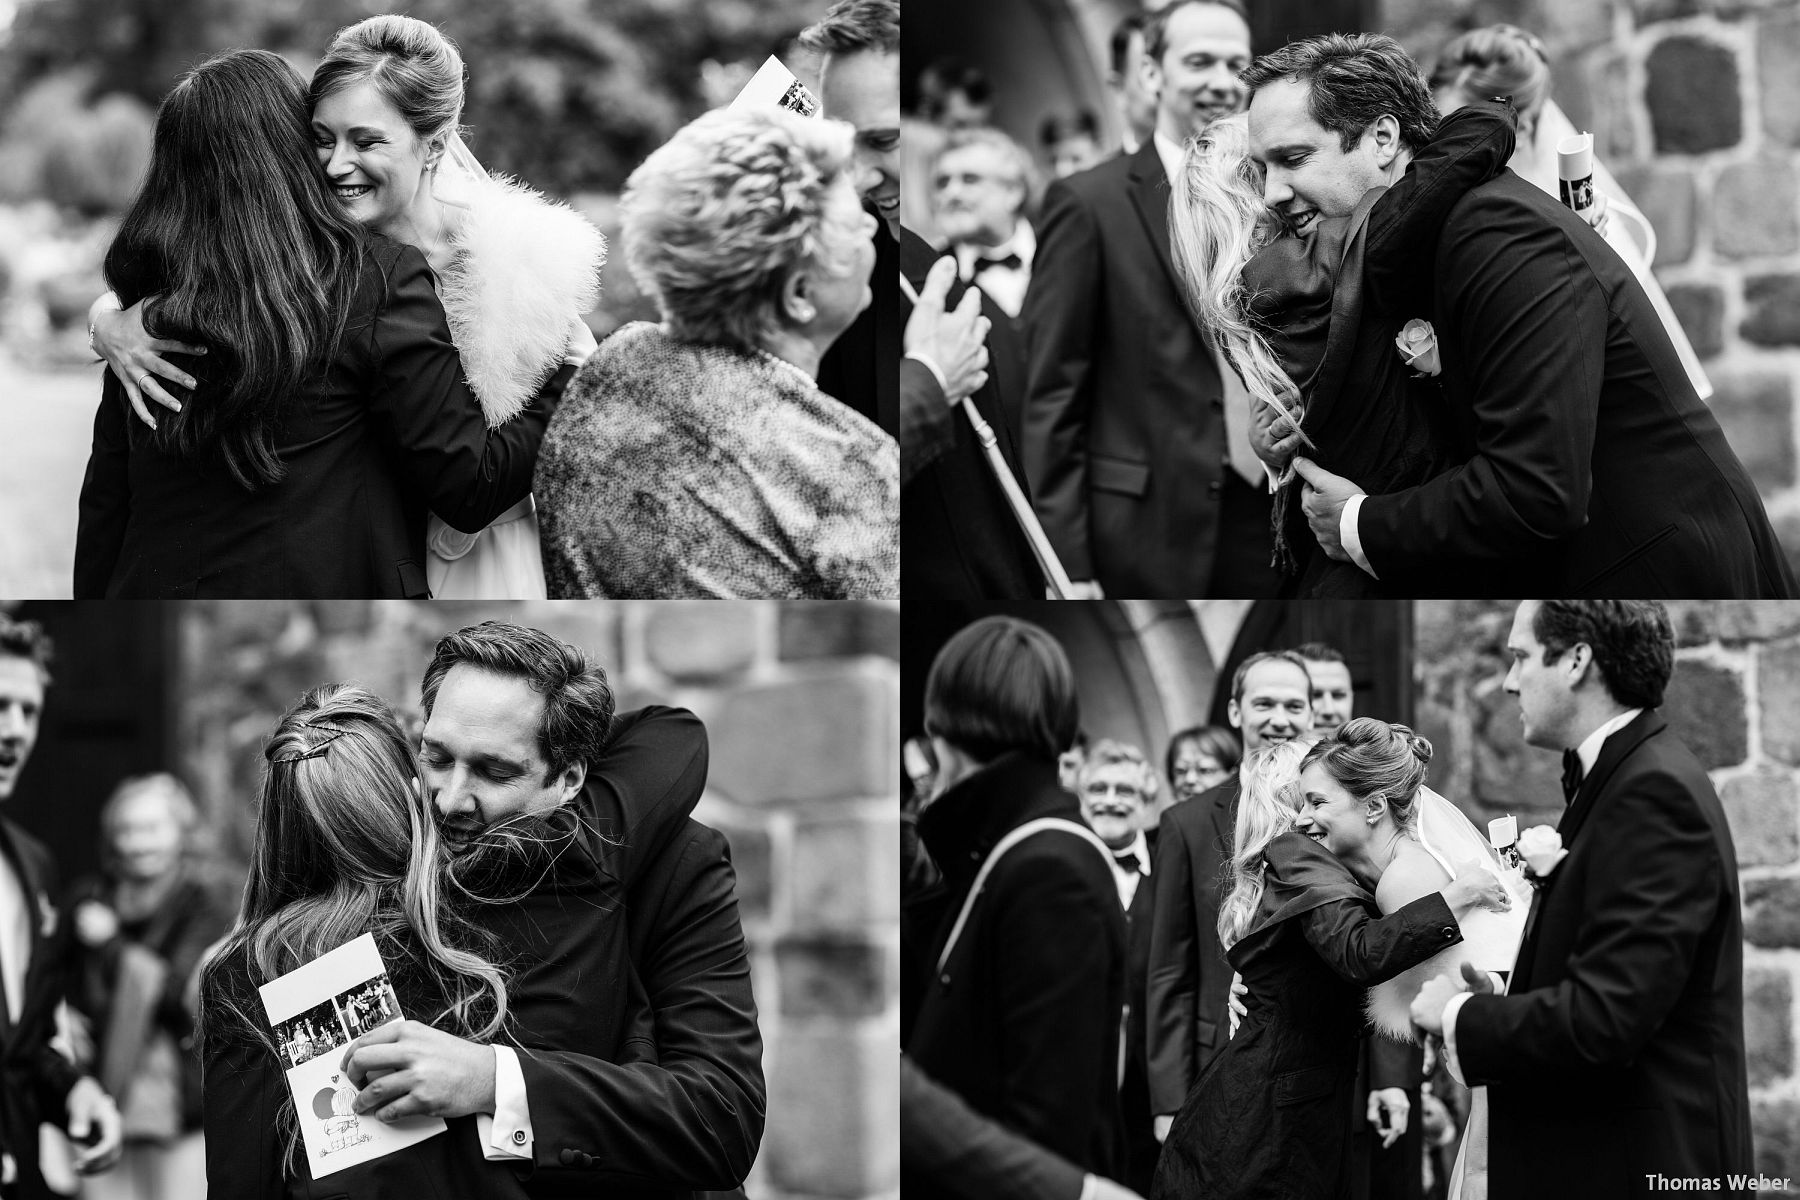 Hochzeitsfotograf Rastede: Kirchliche Trauung in der St. Ulrichs Kirche Rastede und Hochzeitsfeier in der Eventscheune St Georg Rastede mit dem Catering von Split Food (Michael Niebuhr) aus Oldenburg (35)